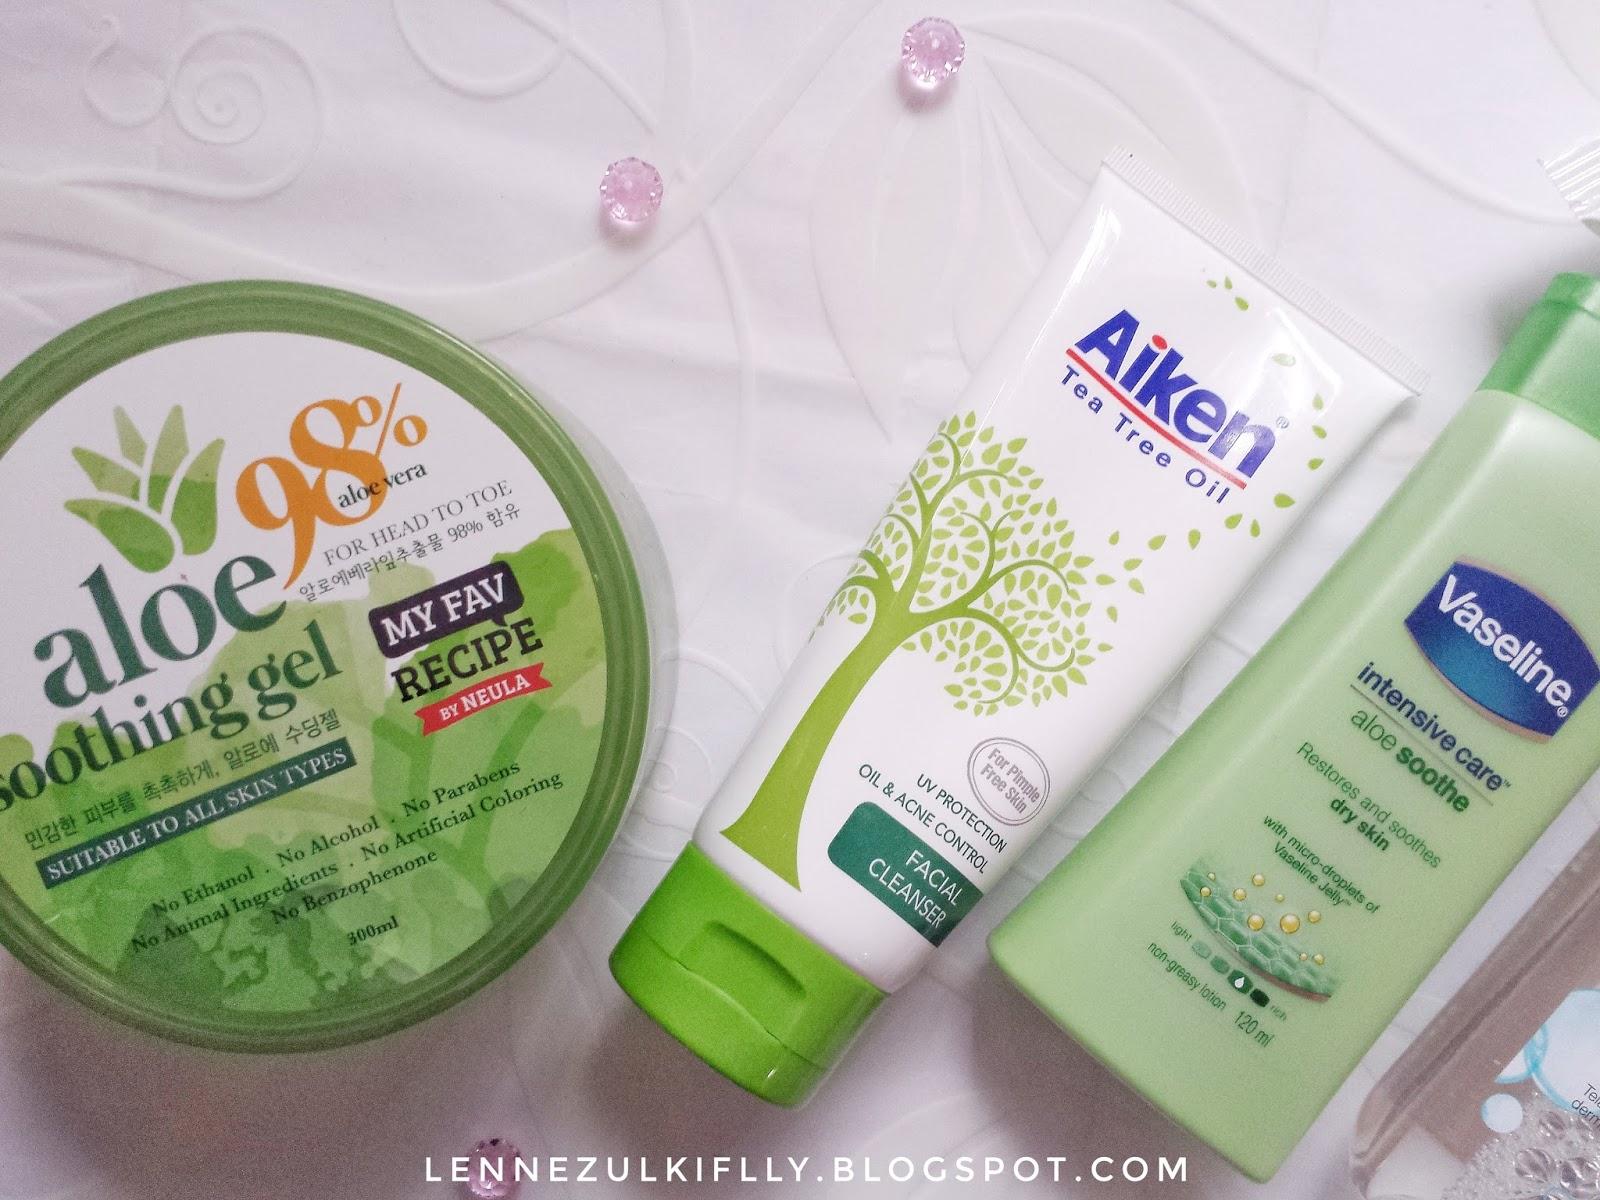 Drugstore Skincare Haul | LENNE ZULKIFLLY